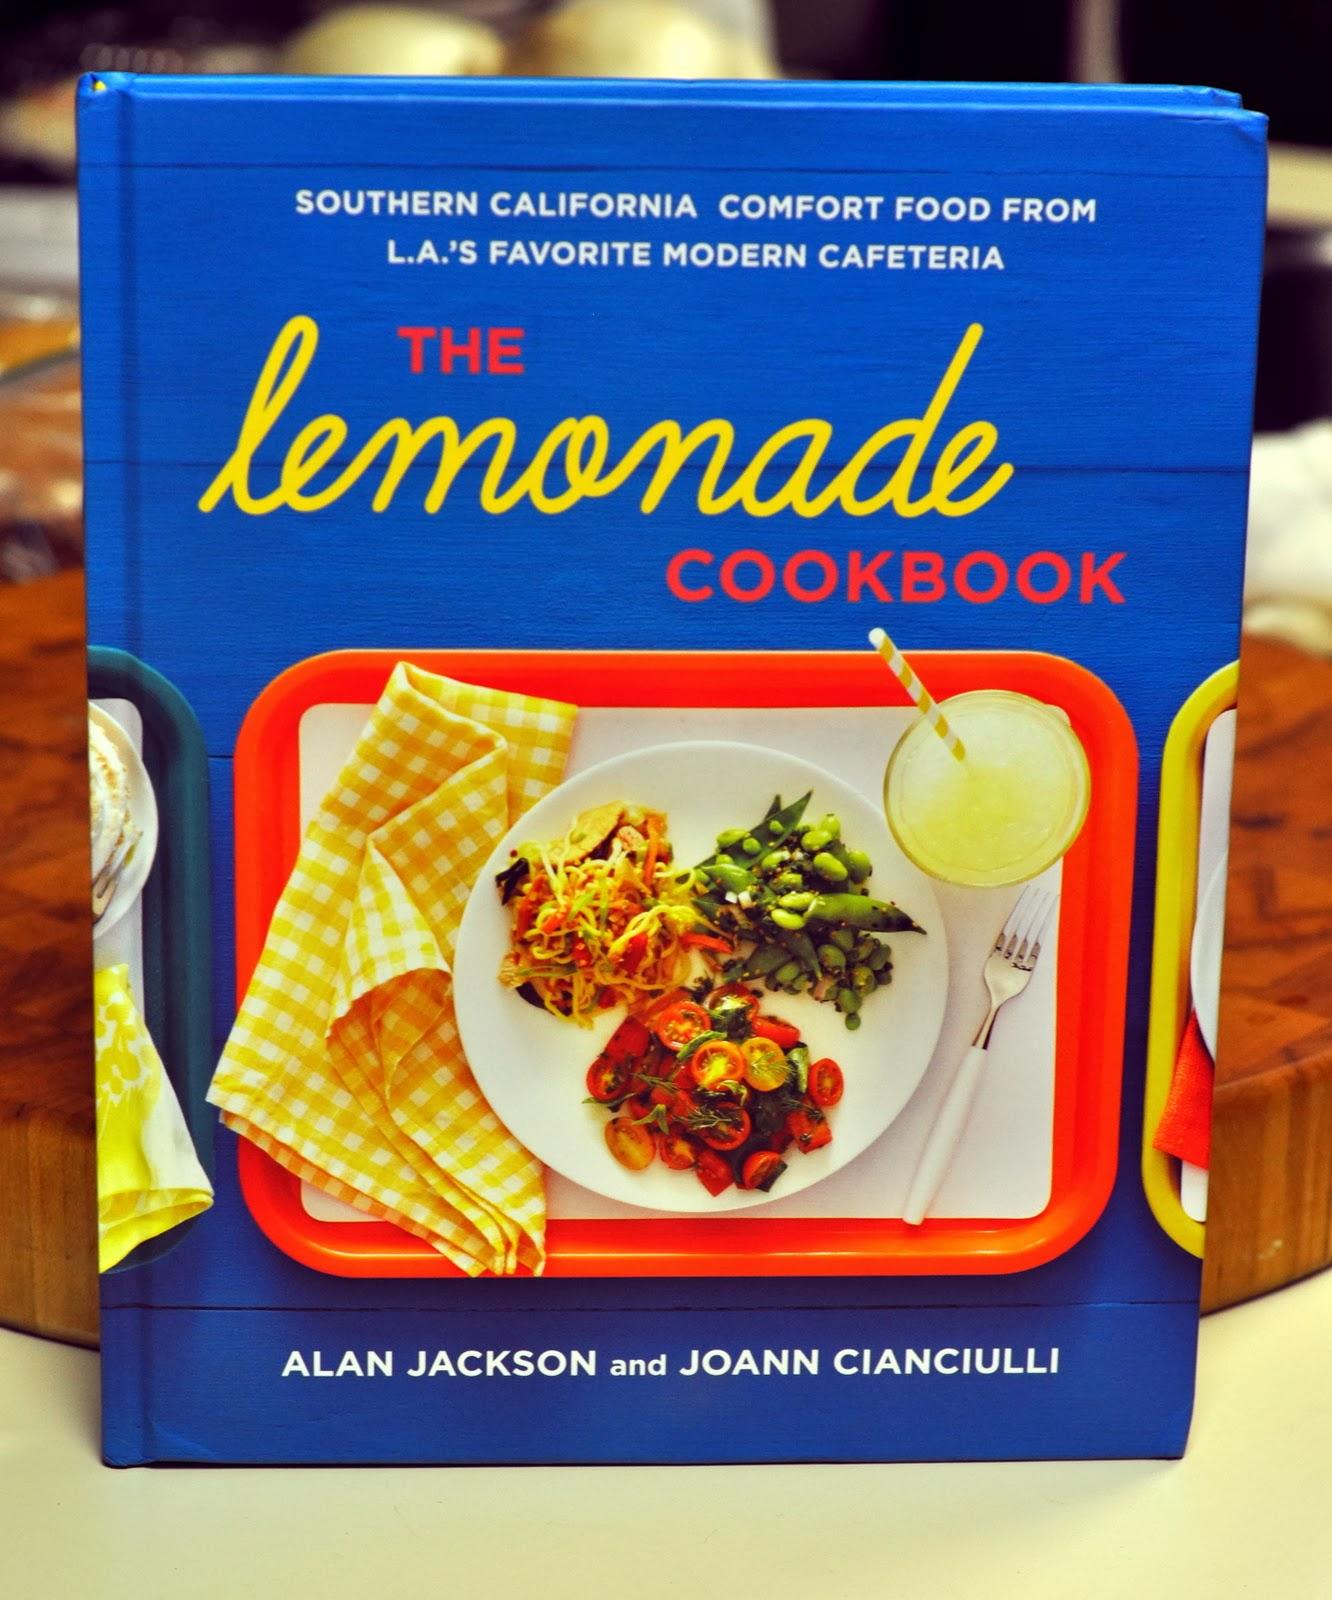 The Lemonade Cookbook - Alan Jackson and JoAnn Cianciulli | Taste As You Go